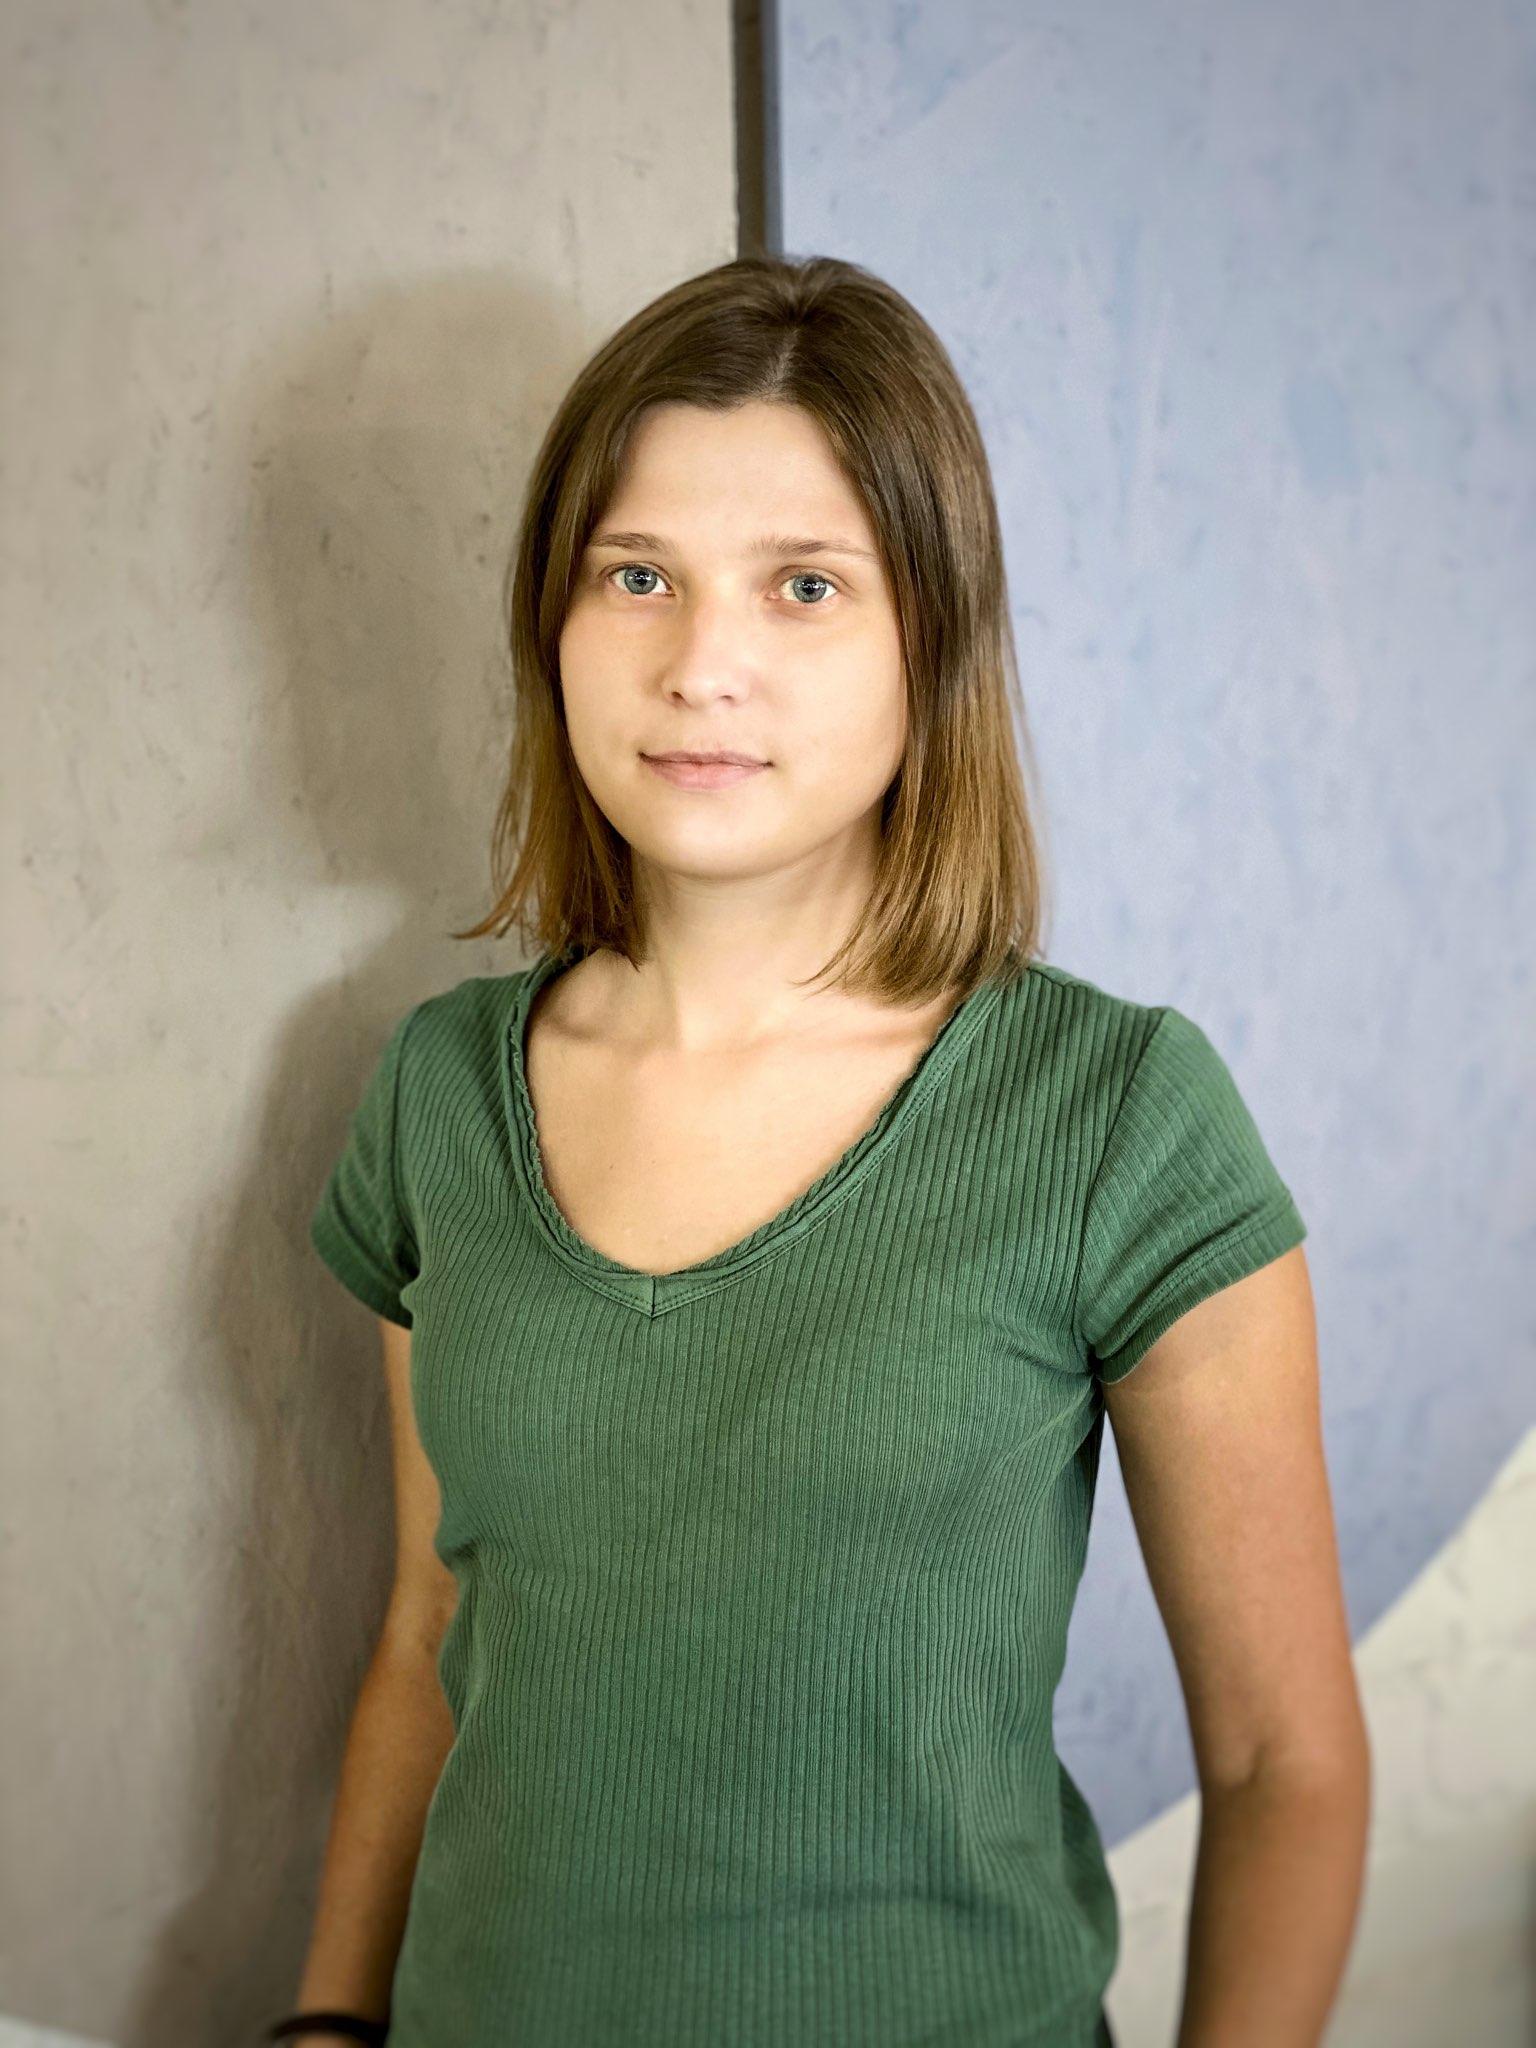 Рекомендація: бухгалтерський аутсорсинг, Київ, компанія Простір Бухгалтерські послуги